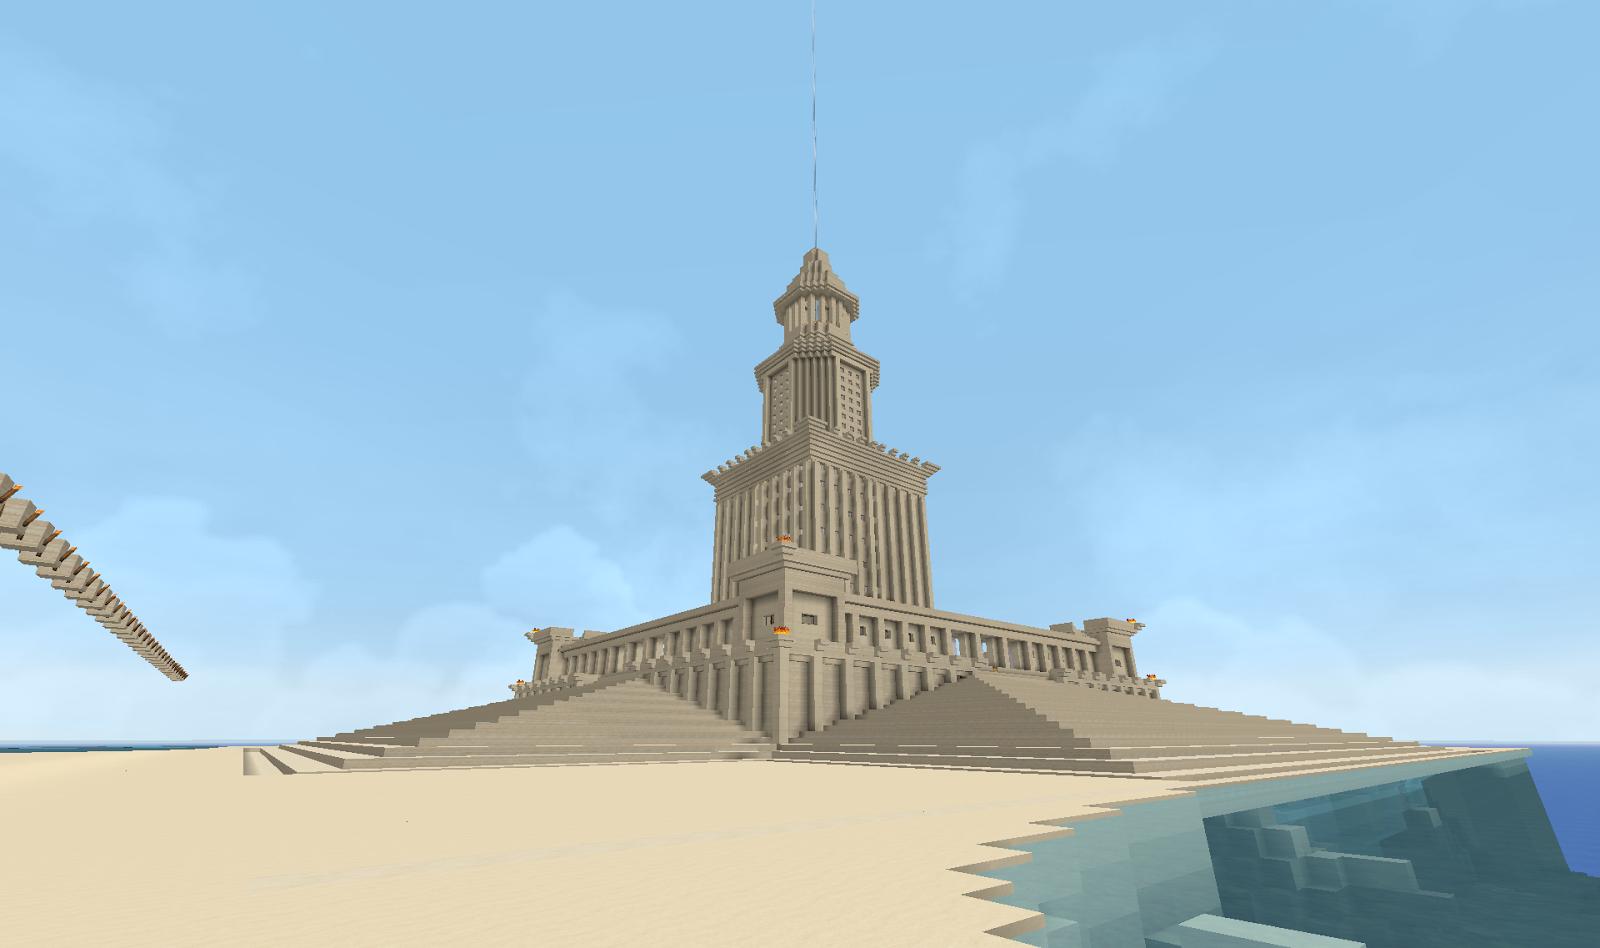 Faro de Alejandria. Diseño propio basado en ilustraciones y planos de internet,